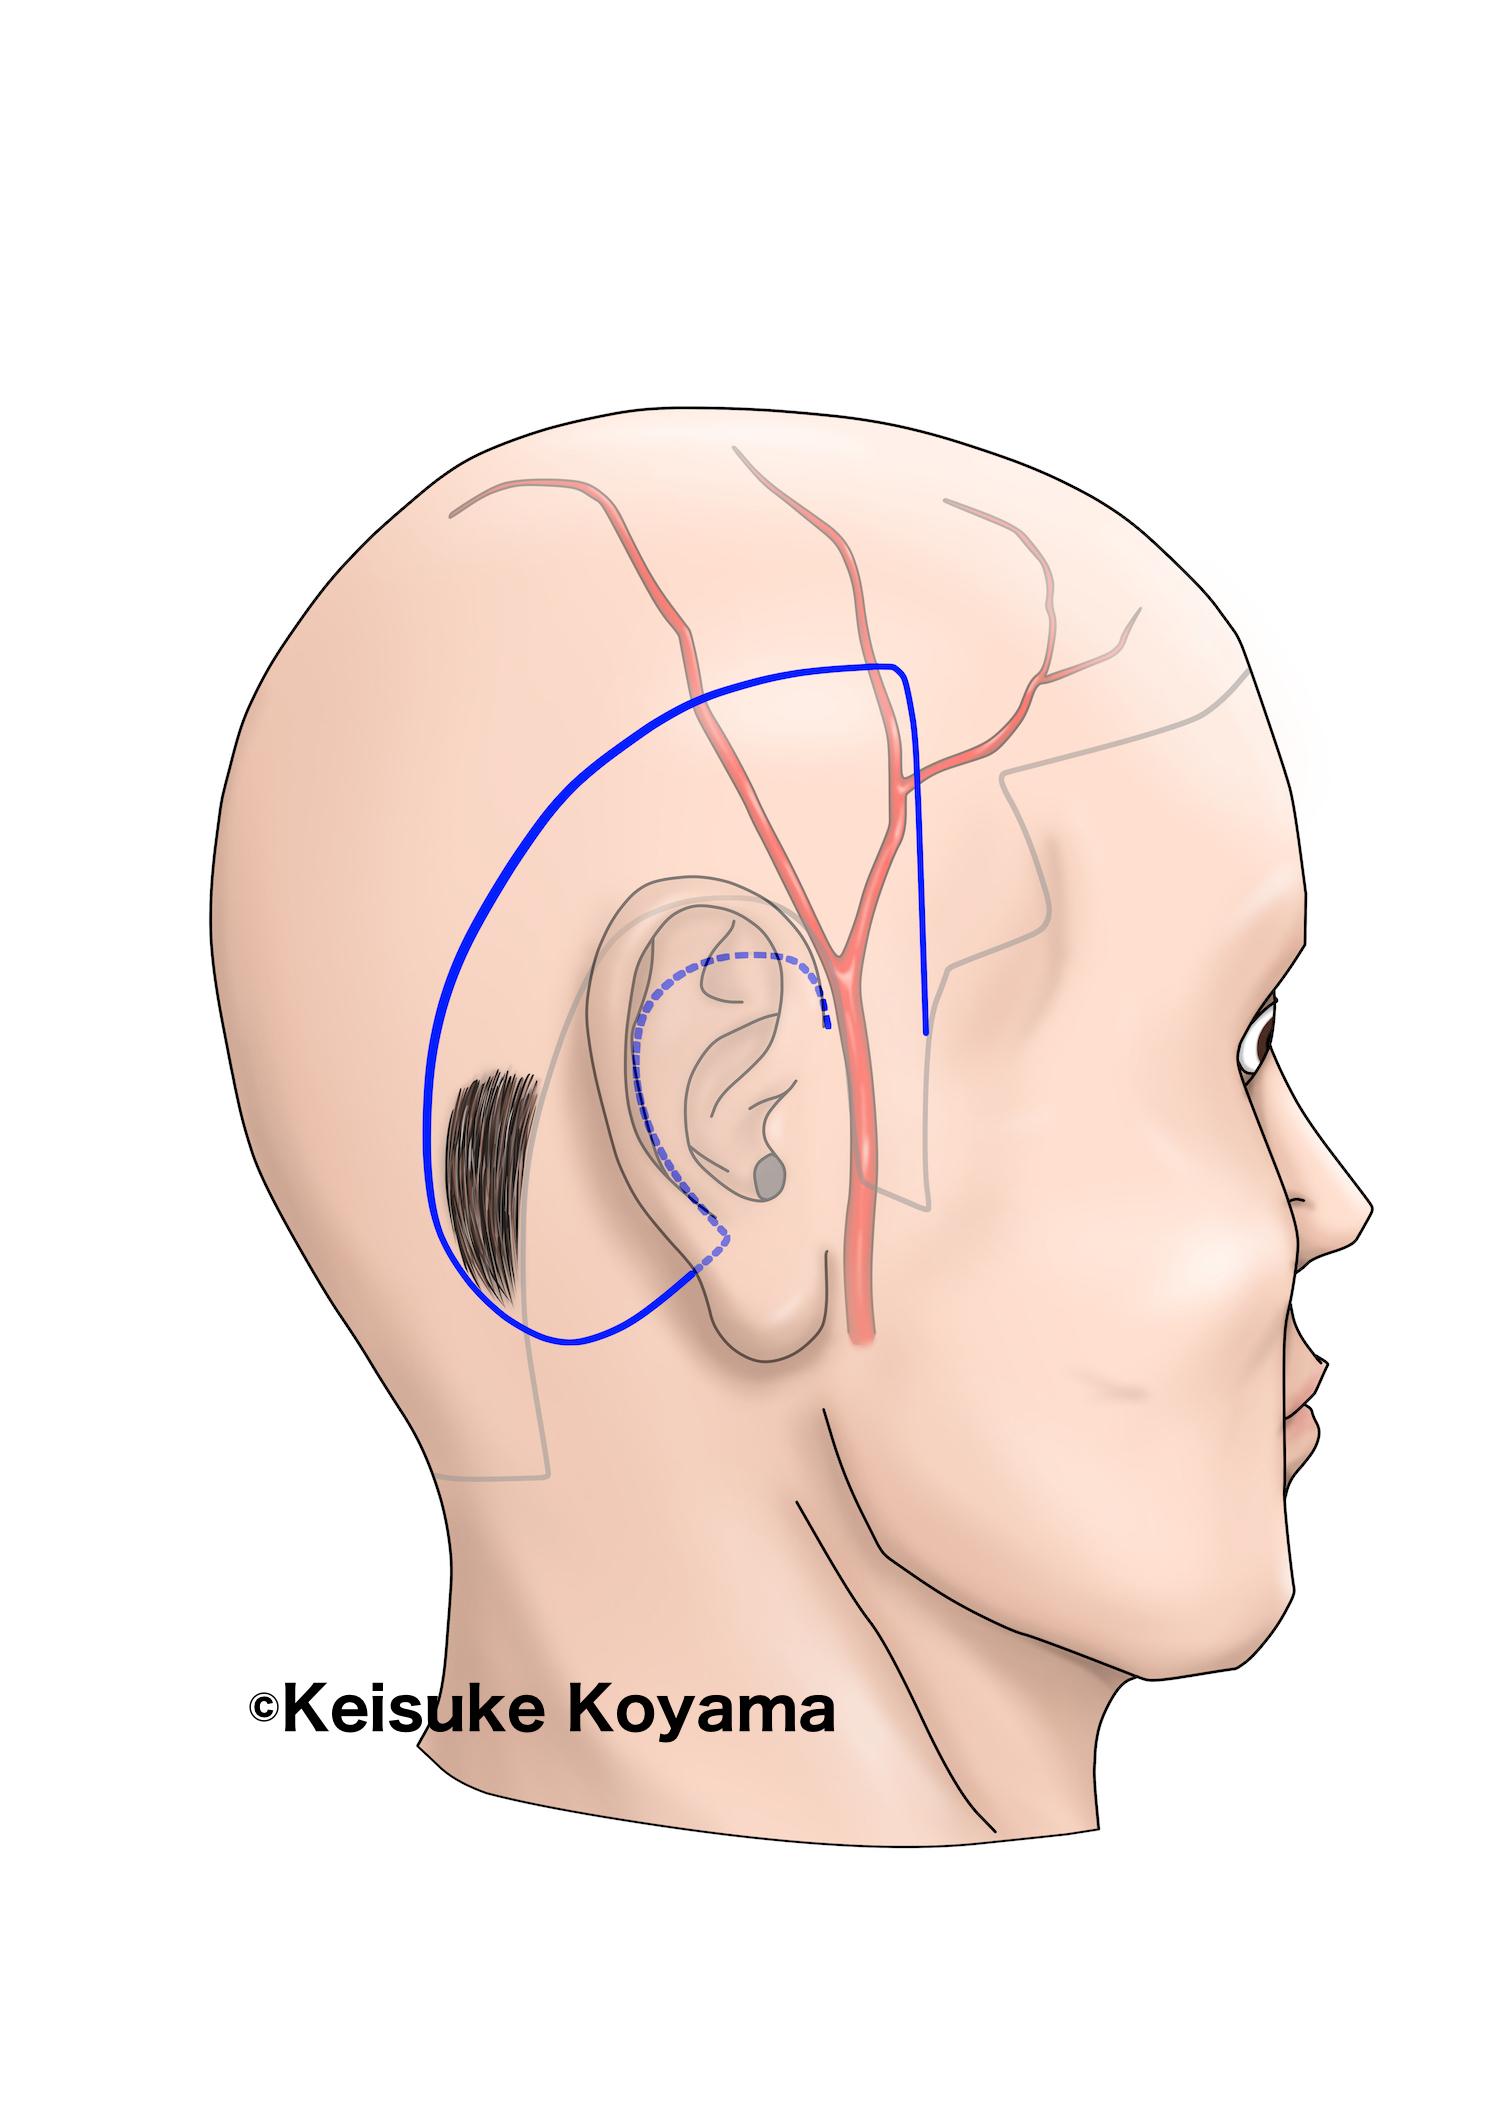 論文用シェーマ・小山慶介・Keisuke Koyama